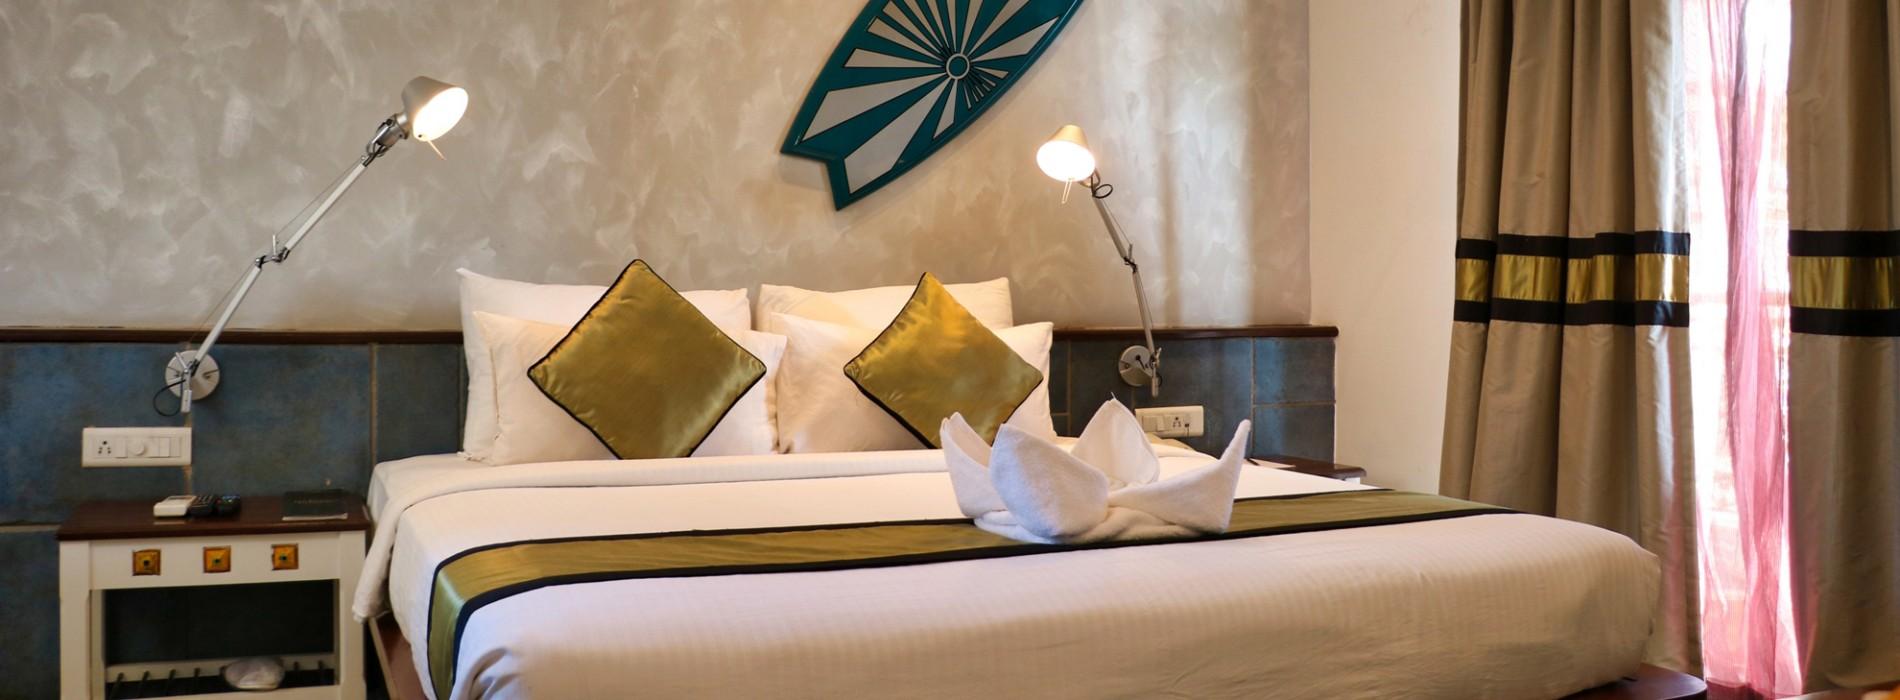 The Fern Residency opens in Miramar